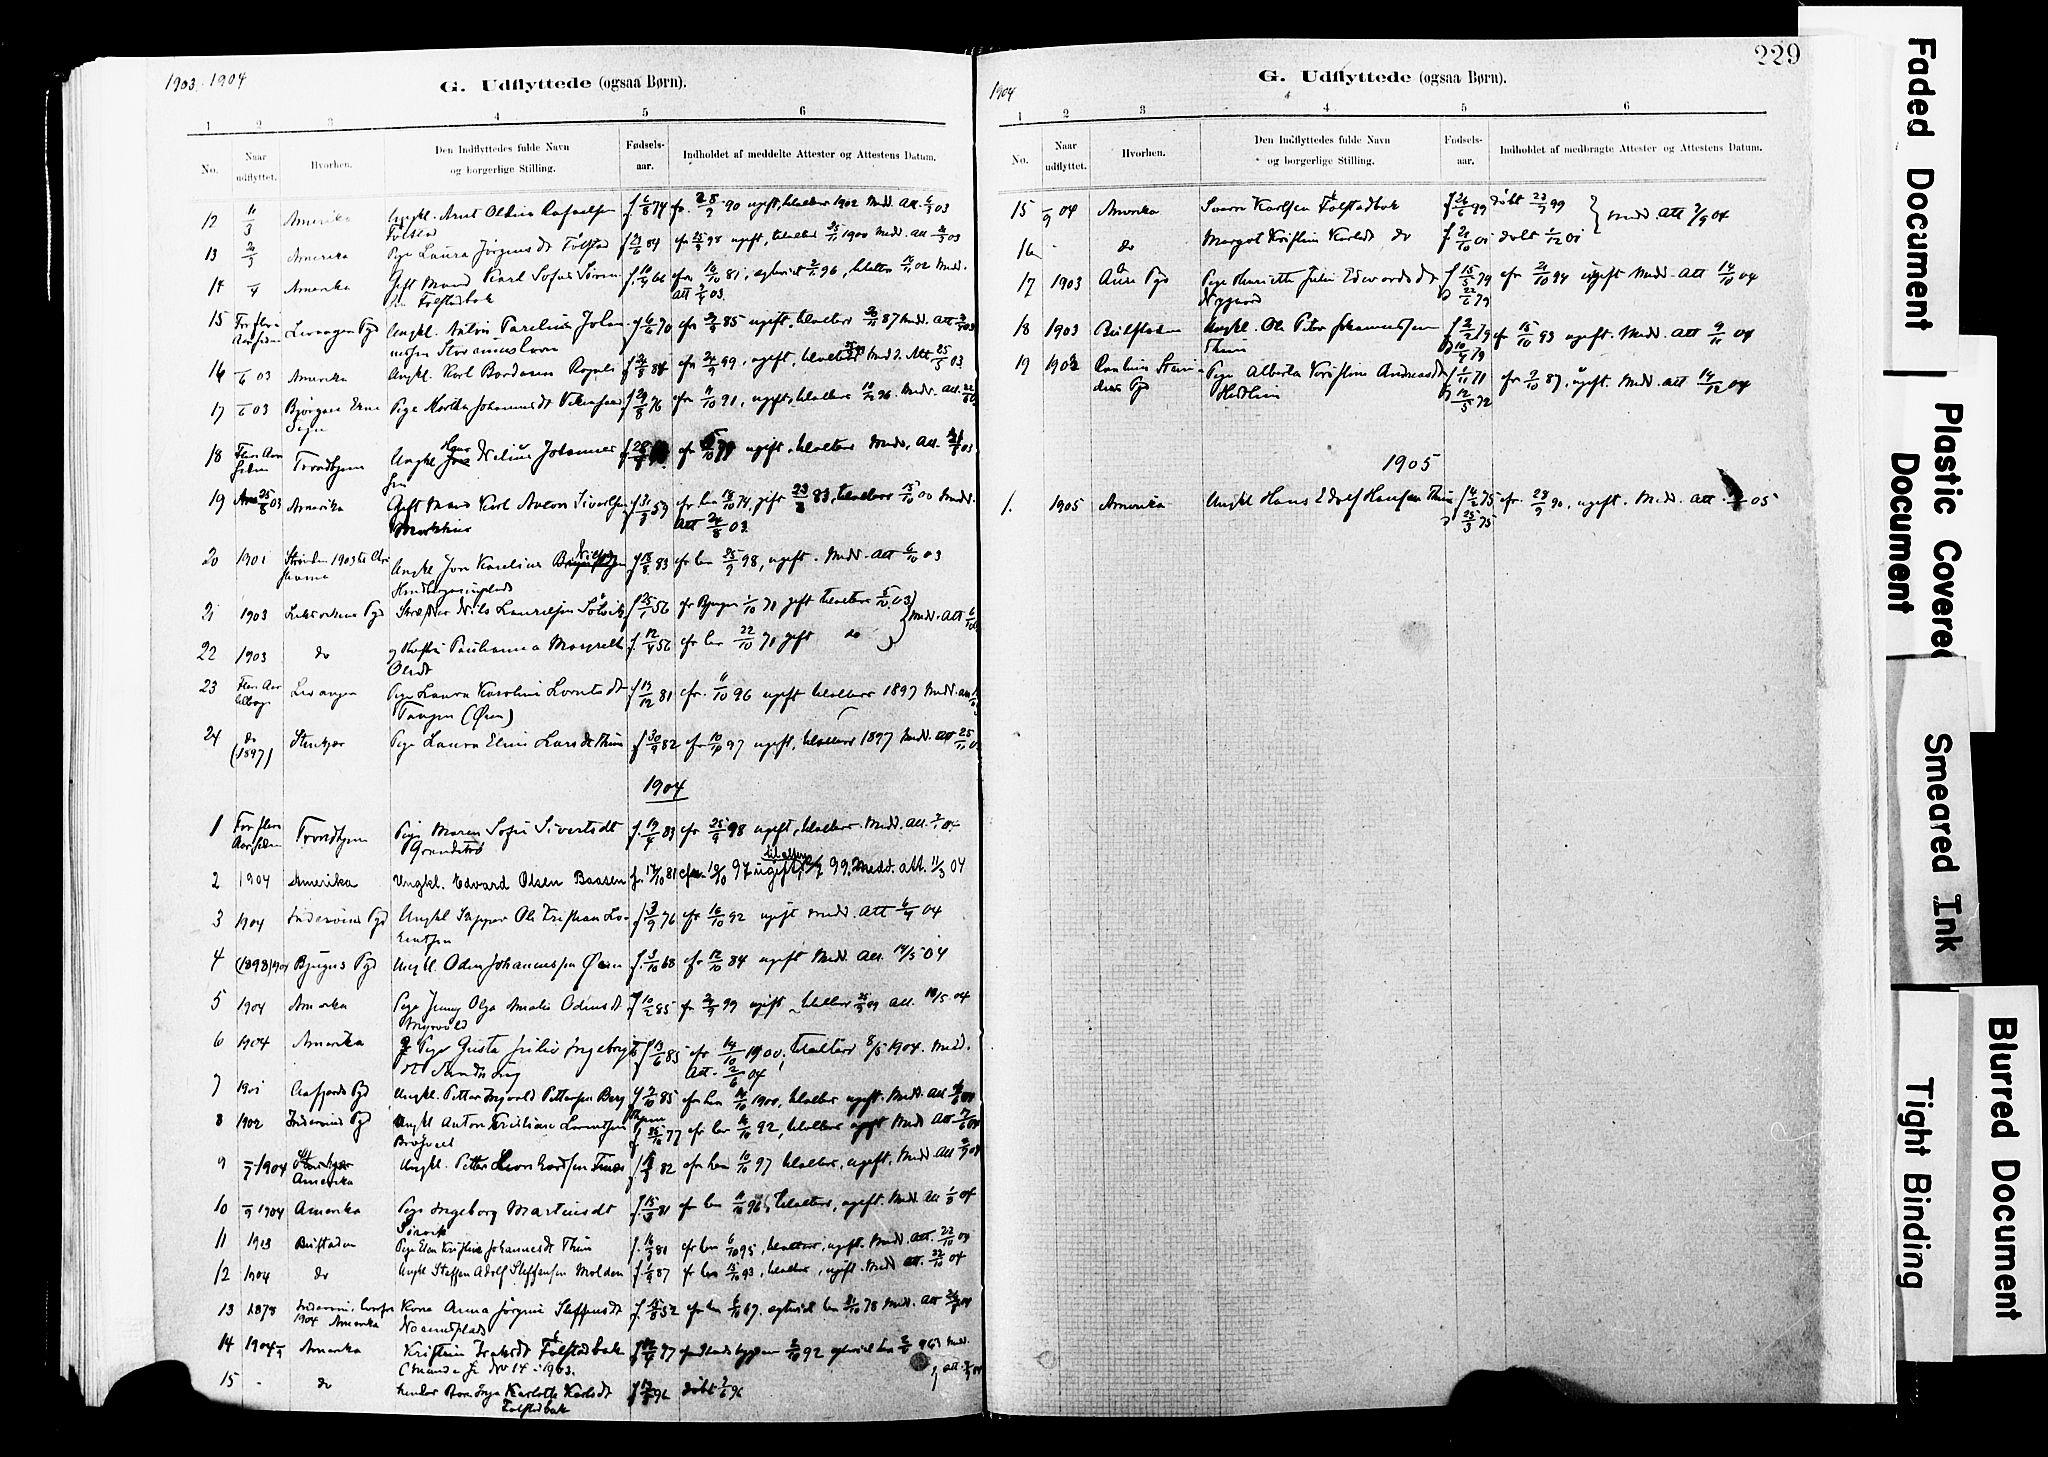 SAT, Ministerialprotokoller, klokkerbøker og fødselsregistre - Nord-Trøndelag, 744/L0420: Ministerialbok nr. 744A04, 1882-1904, s. 229